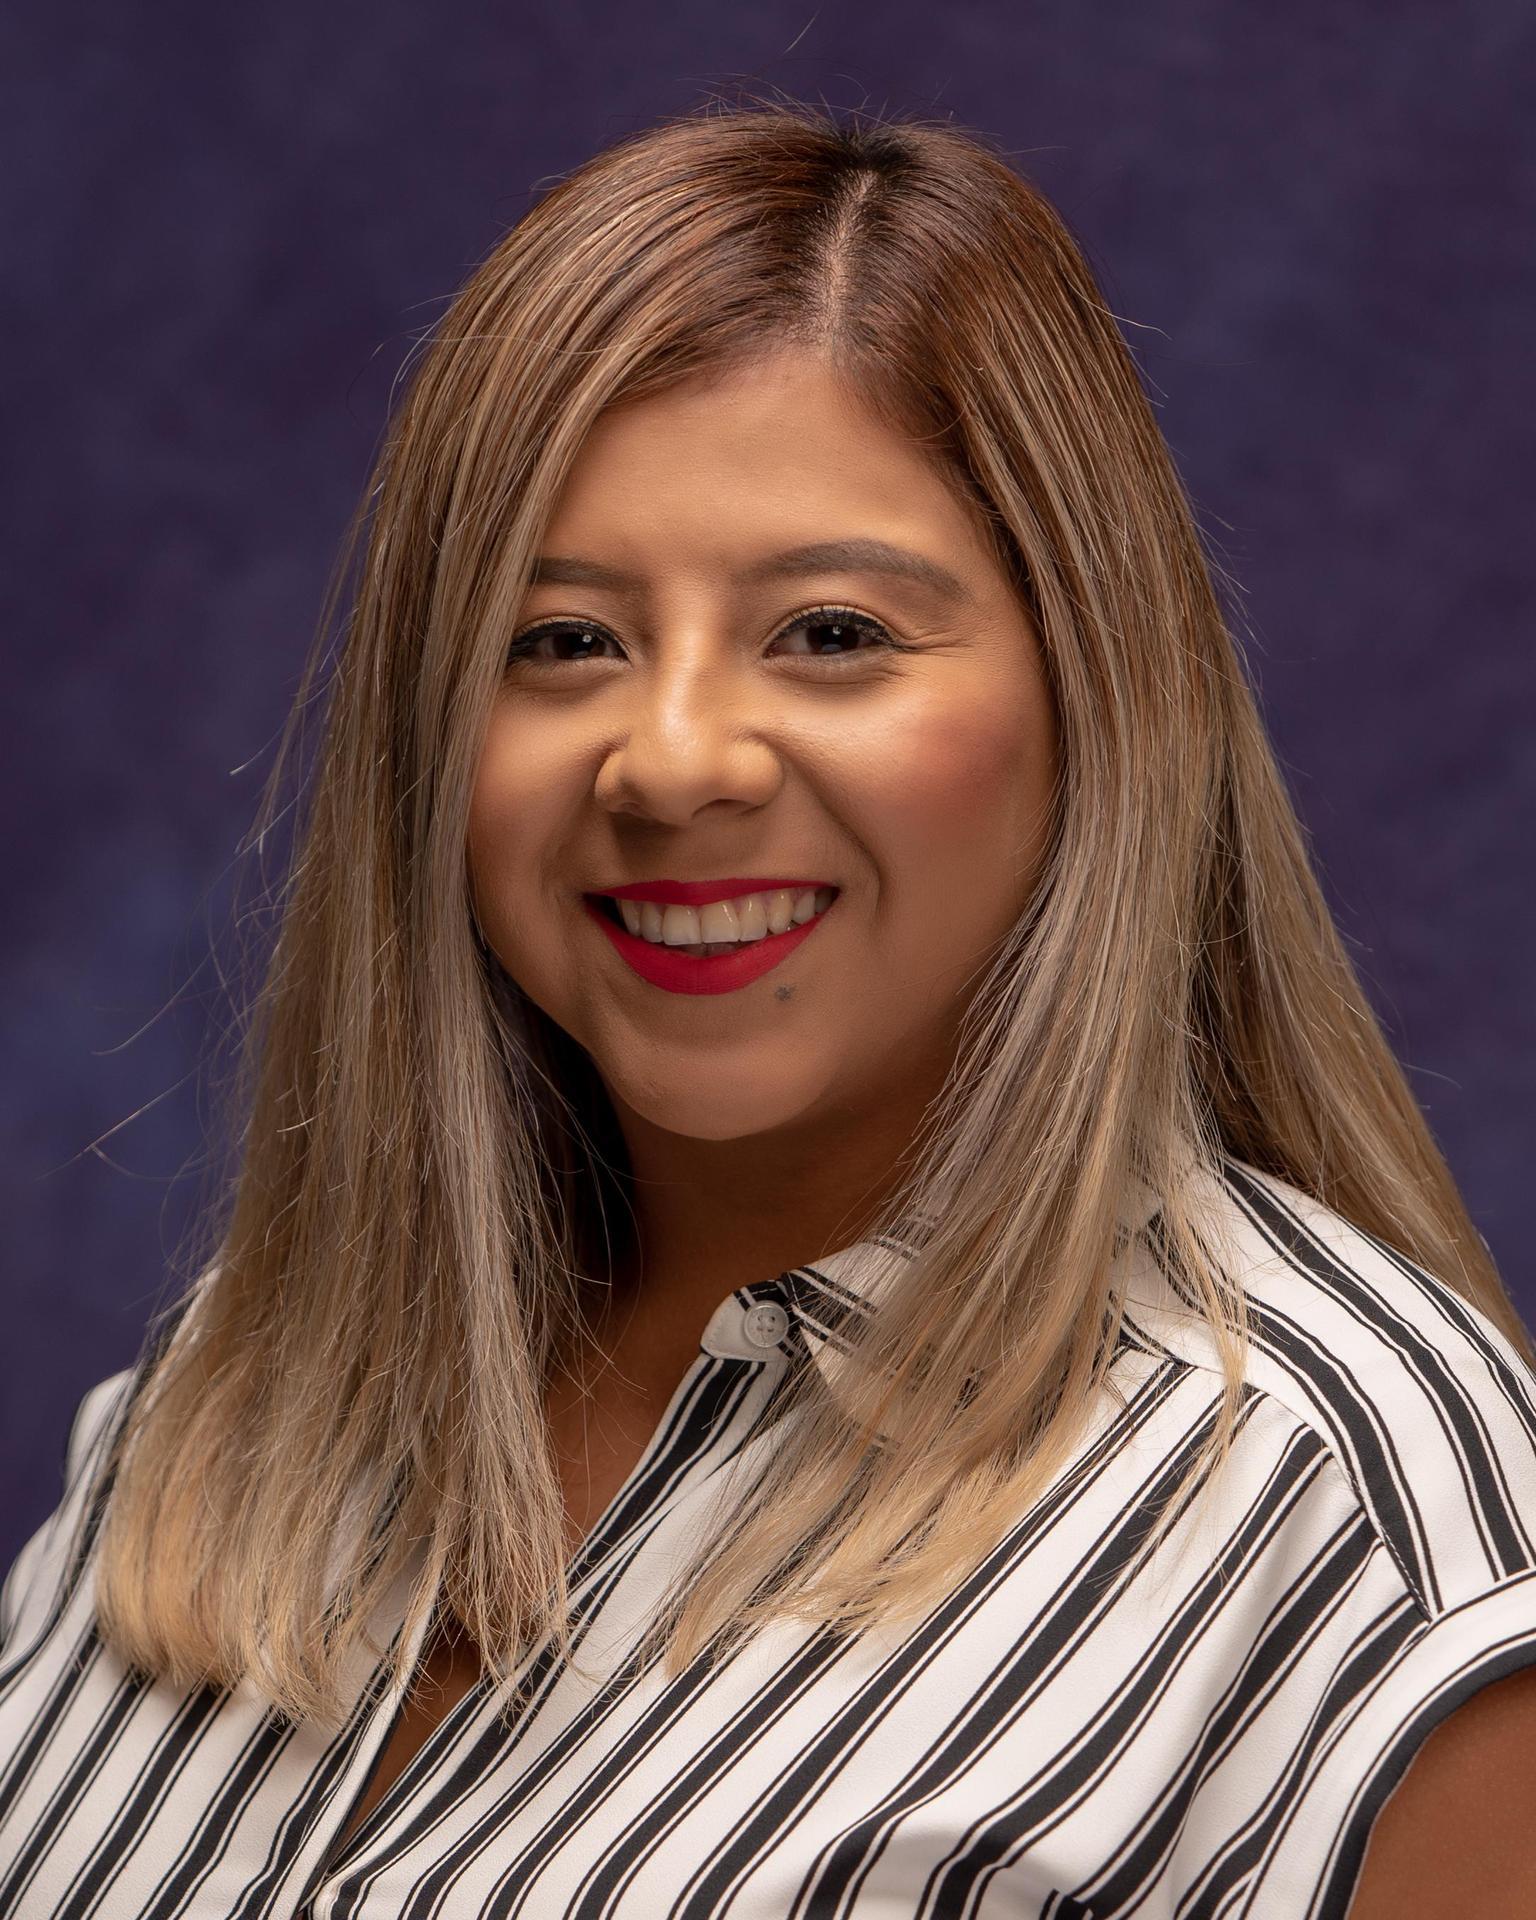 Alyssa Lerma